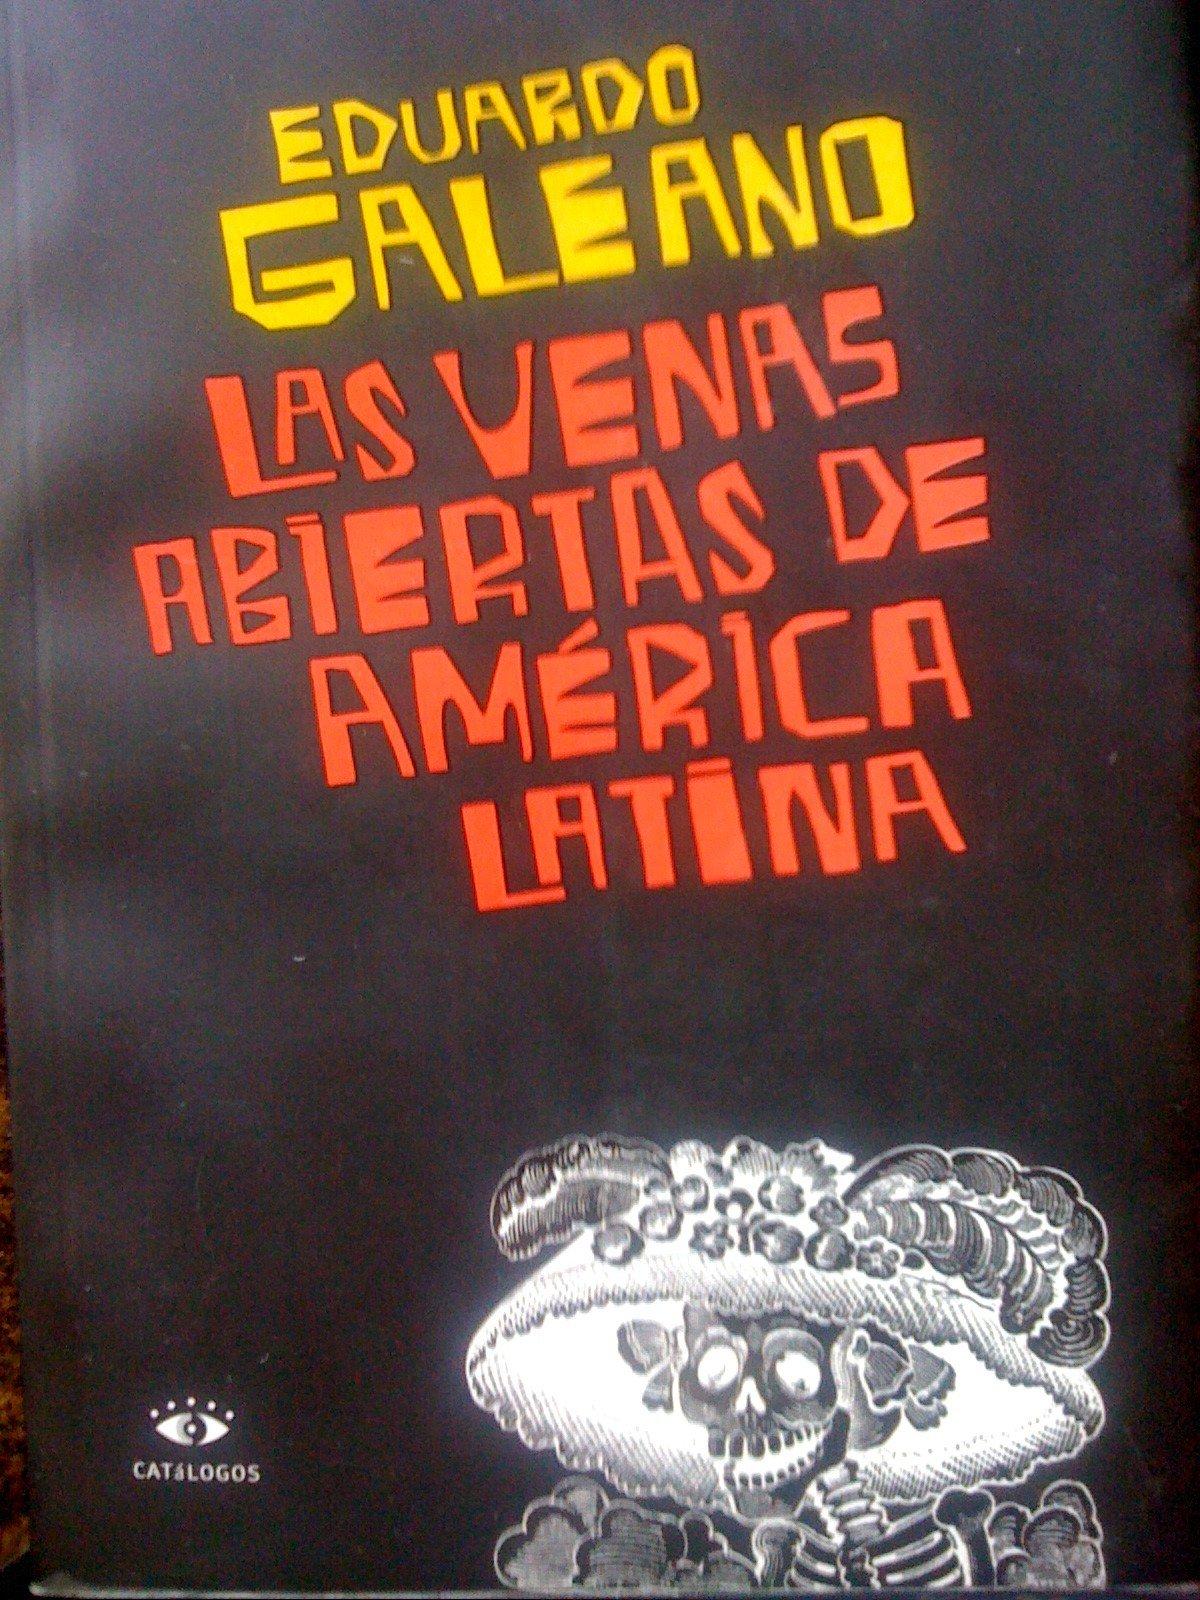 Las Venas Abiertas de America Latina: Amazon.es: Galeano, Eduardo H.: Libros